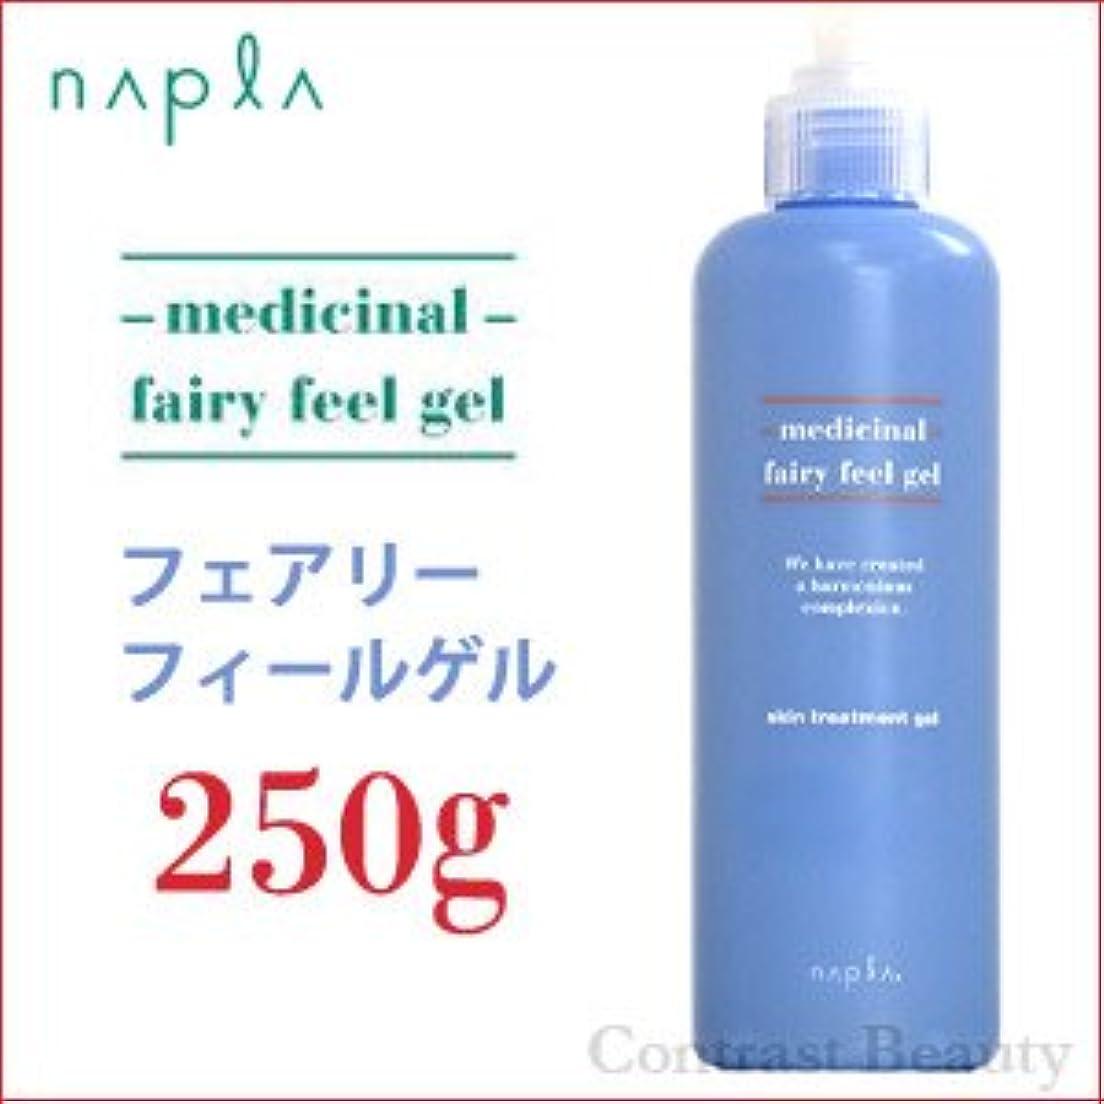 巻き取りコート火山学者【X5個セット】 ナプラ 薬用フェアリーフィールゲル 250g